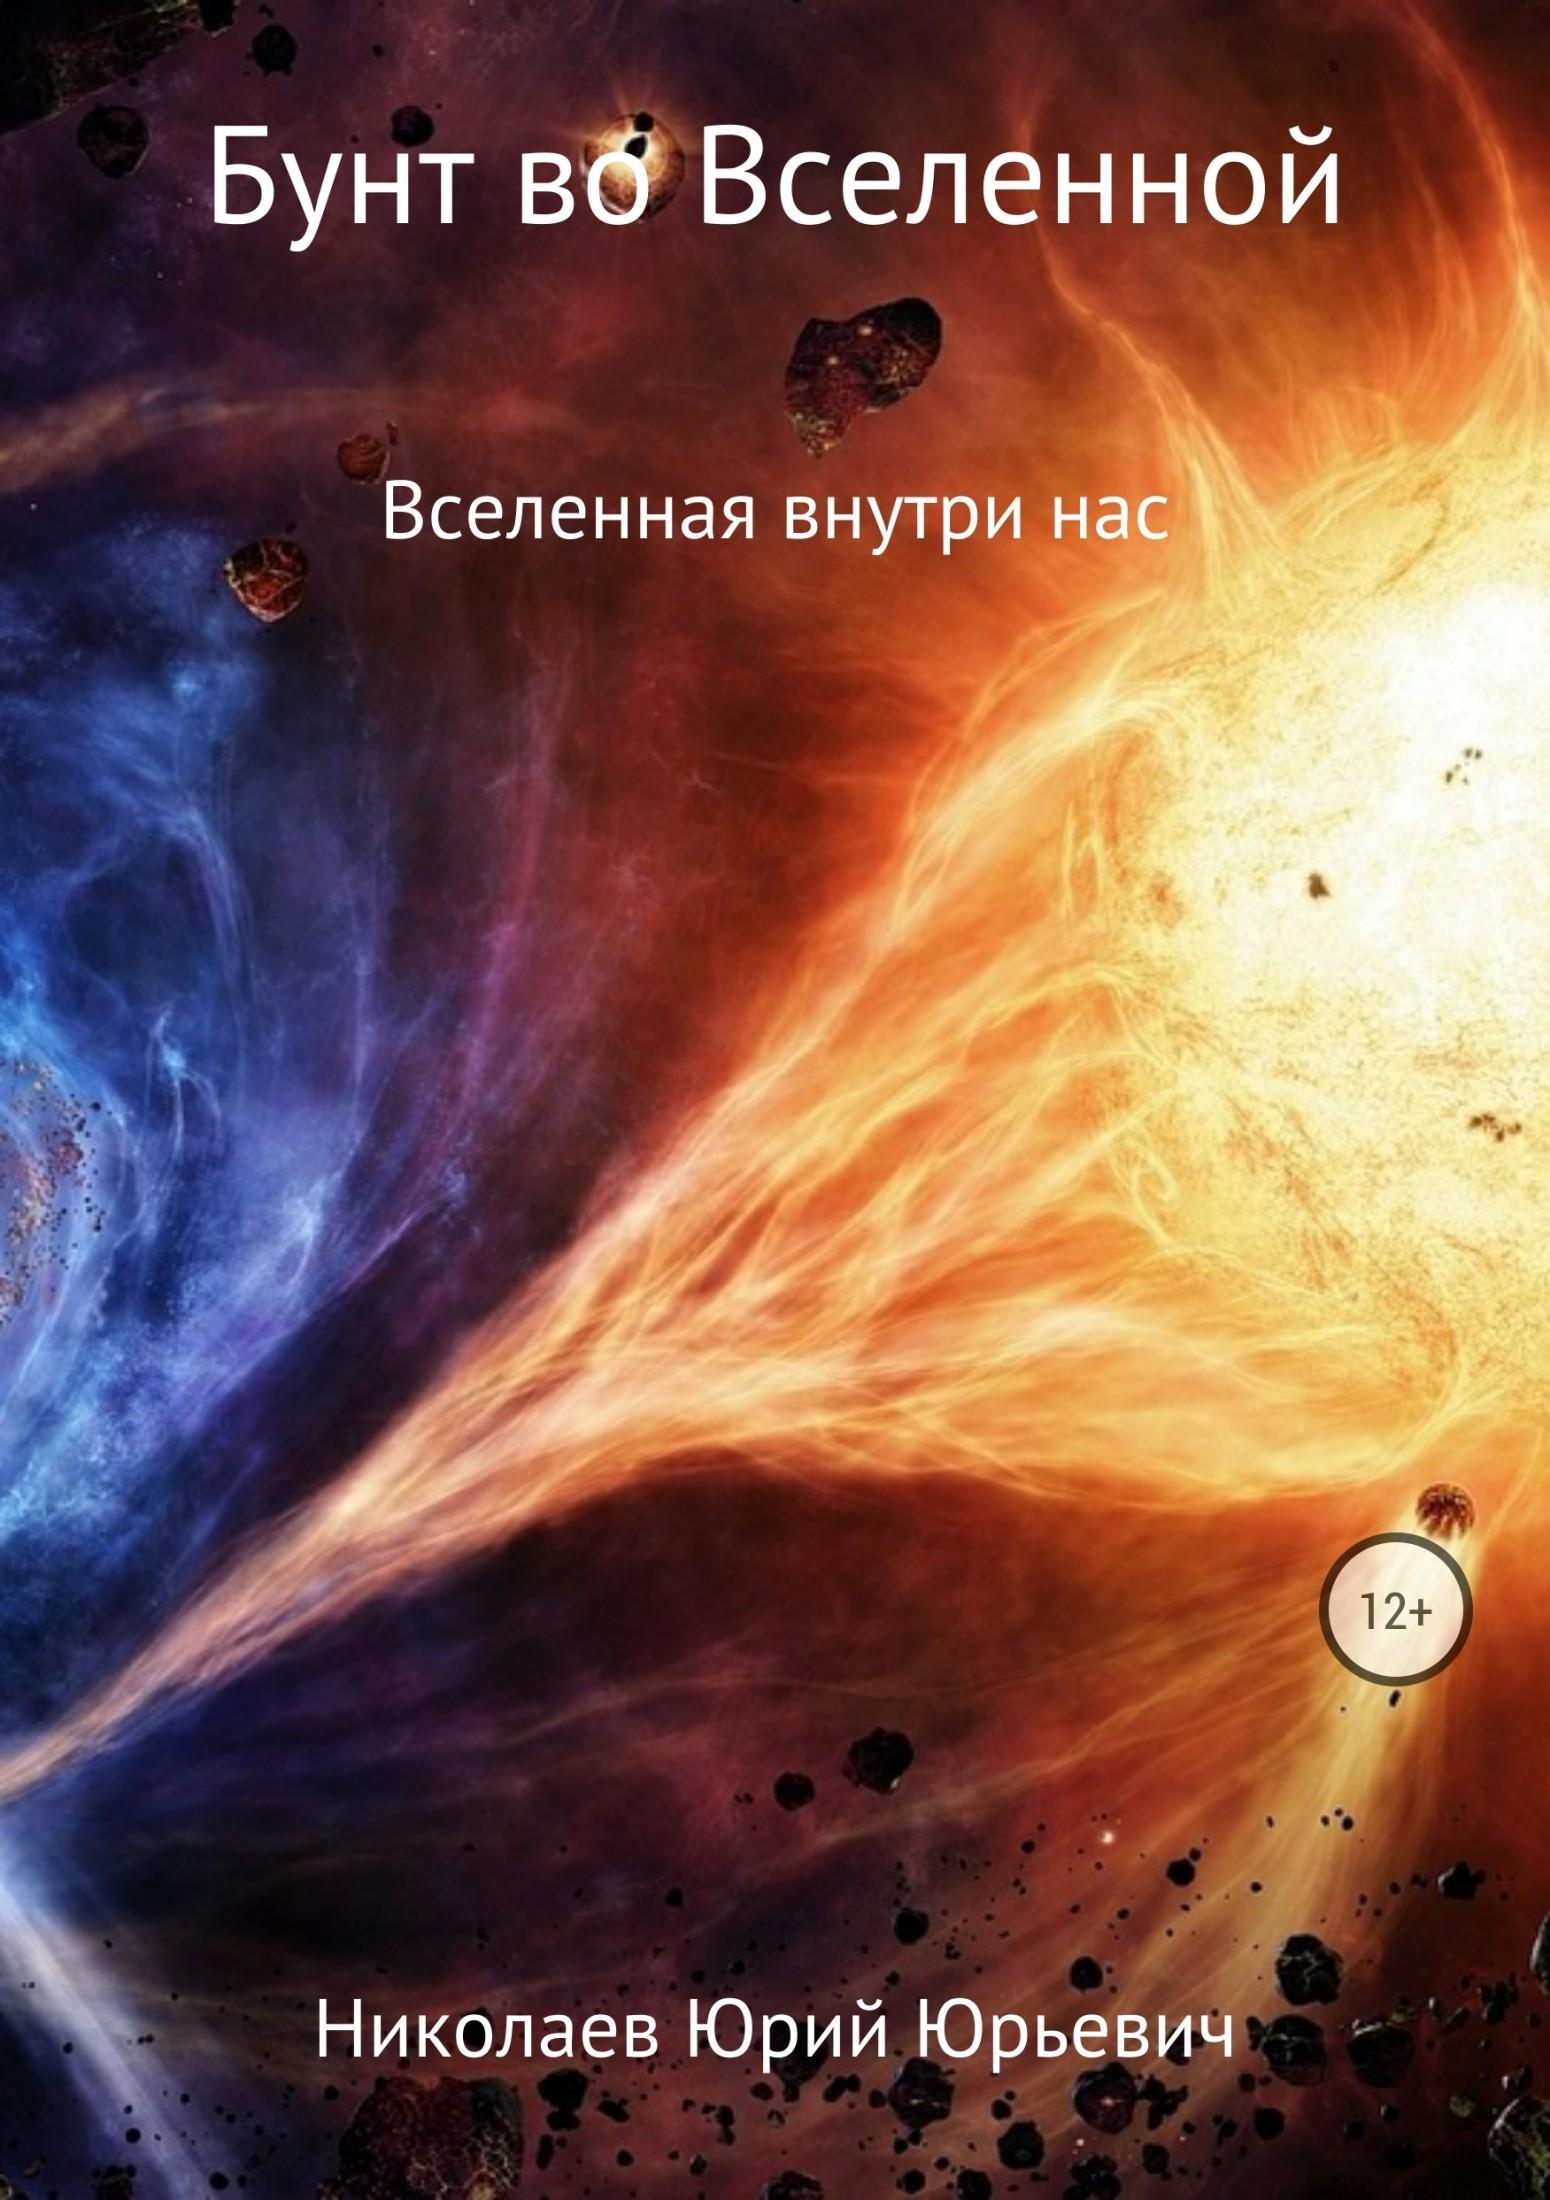 Юрий Юрьевич Николаев Бунт во Вселенной юрий юрьевич николаев вселенная – человек вселенная внутринас